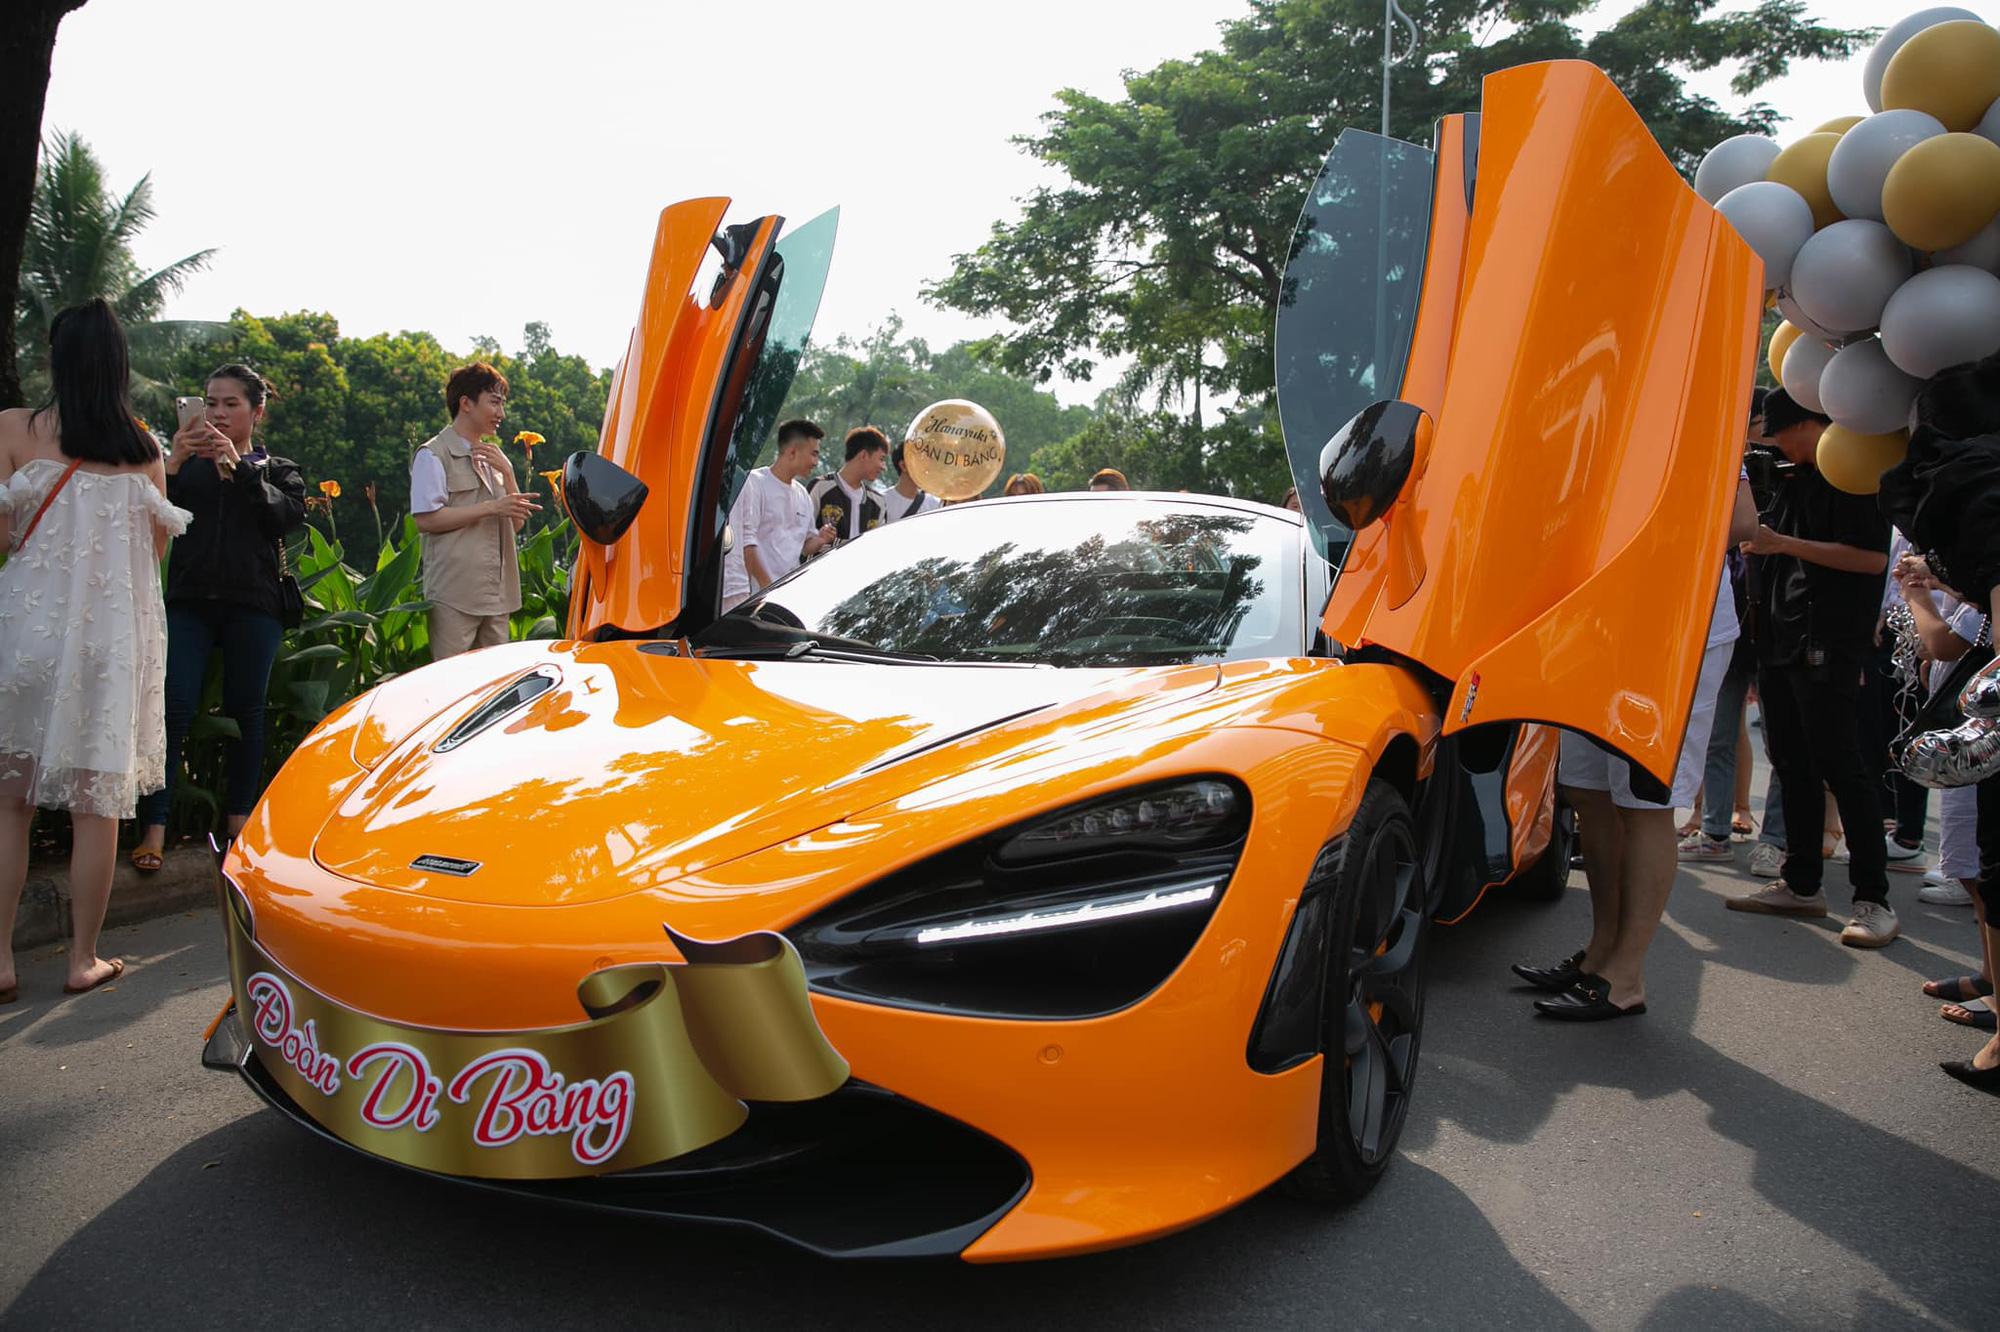 Nữ ca sĩ Đoàn Di Băng được chồng tặng hẳn siêu xe McLaren 720S Spider, không quên đề cập tới chuyện thiện nguyện tại thời điểm này - Ảnh 5.